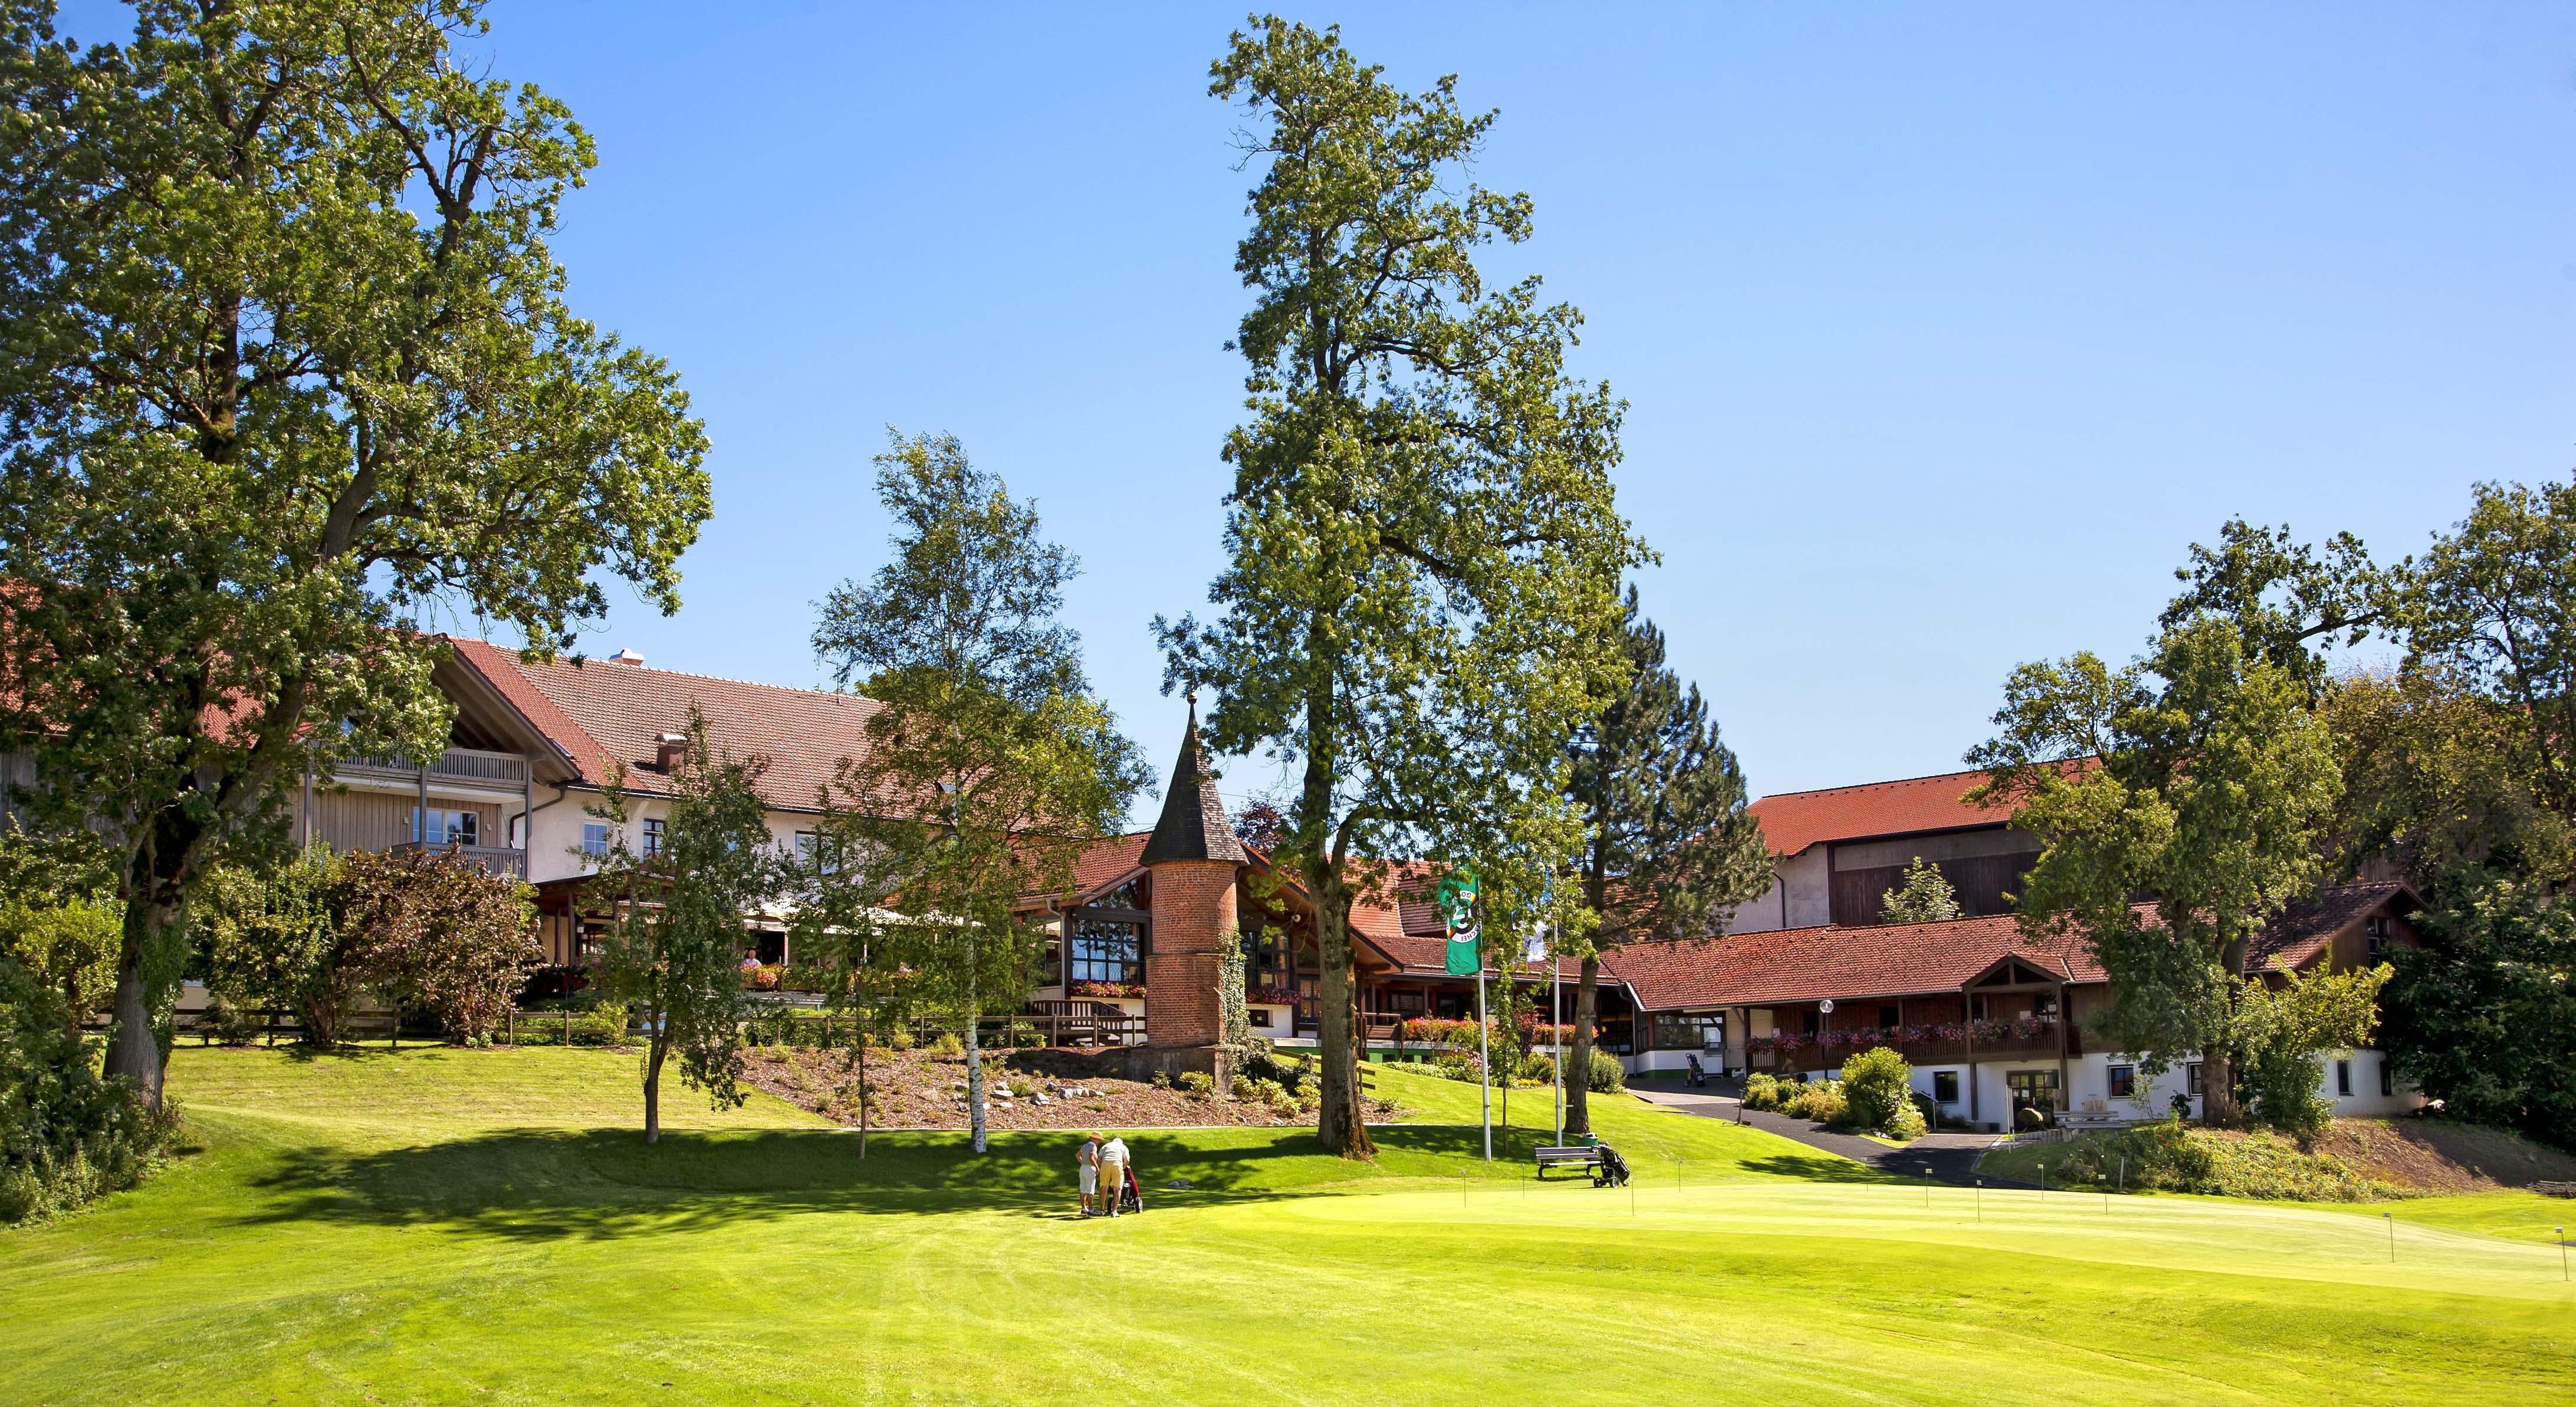 Clubhaus des kneipp-zertifizierten Golfplatzes